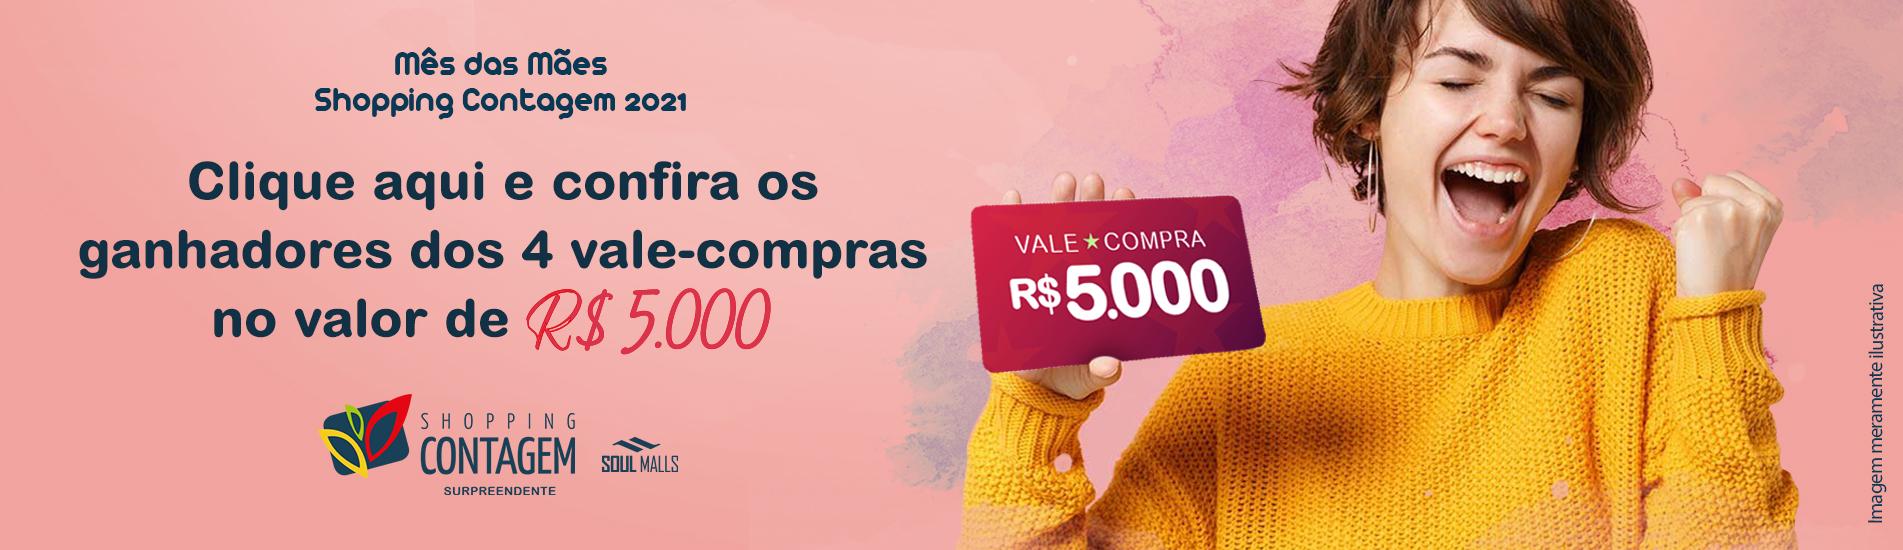 Banner Ganhadores Promoção Mês das Mães